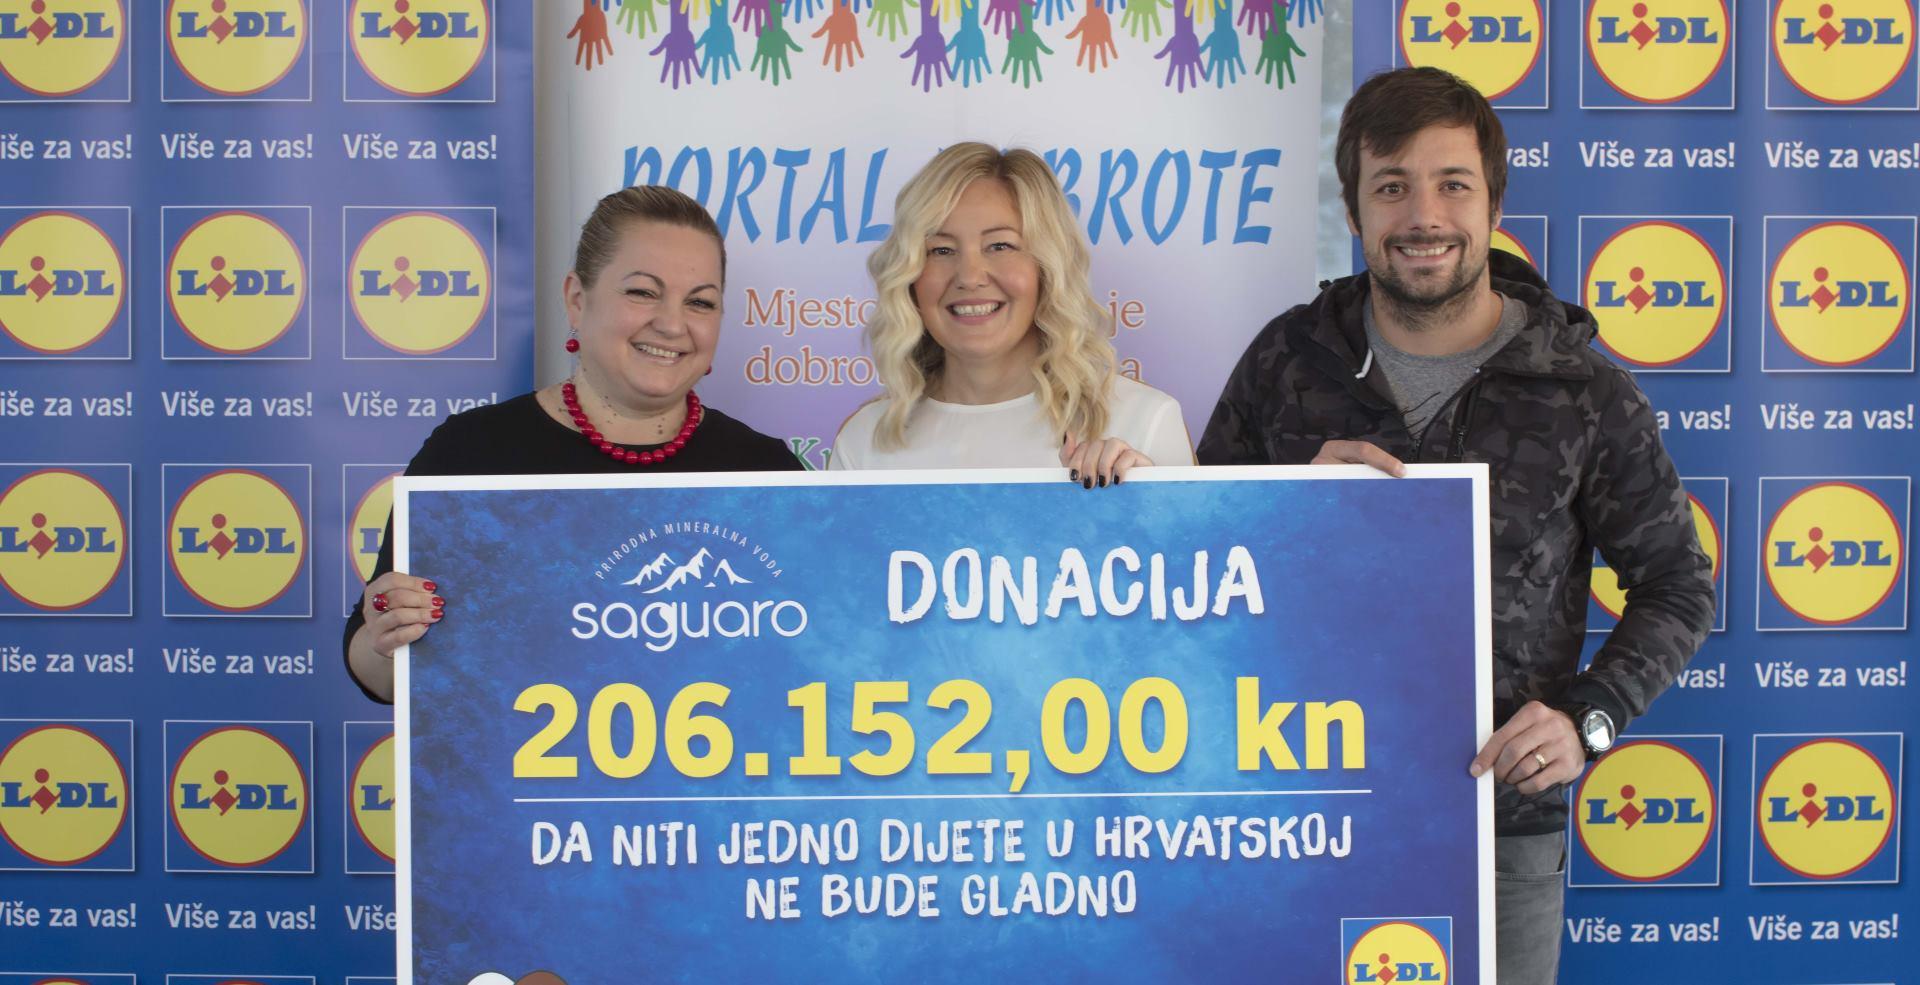 Lidlova akcija prikupila više od 200 tisuća kuna za projekt Portala Dobrote